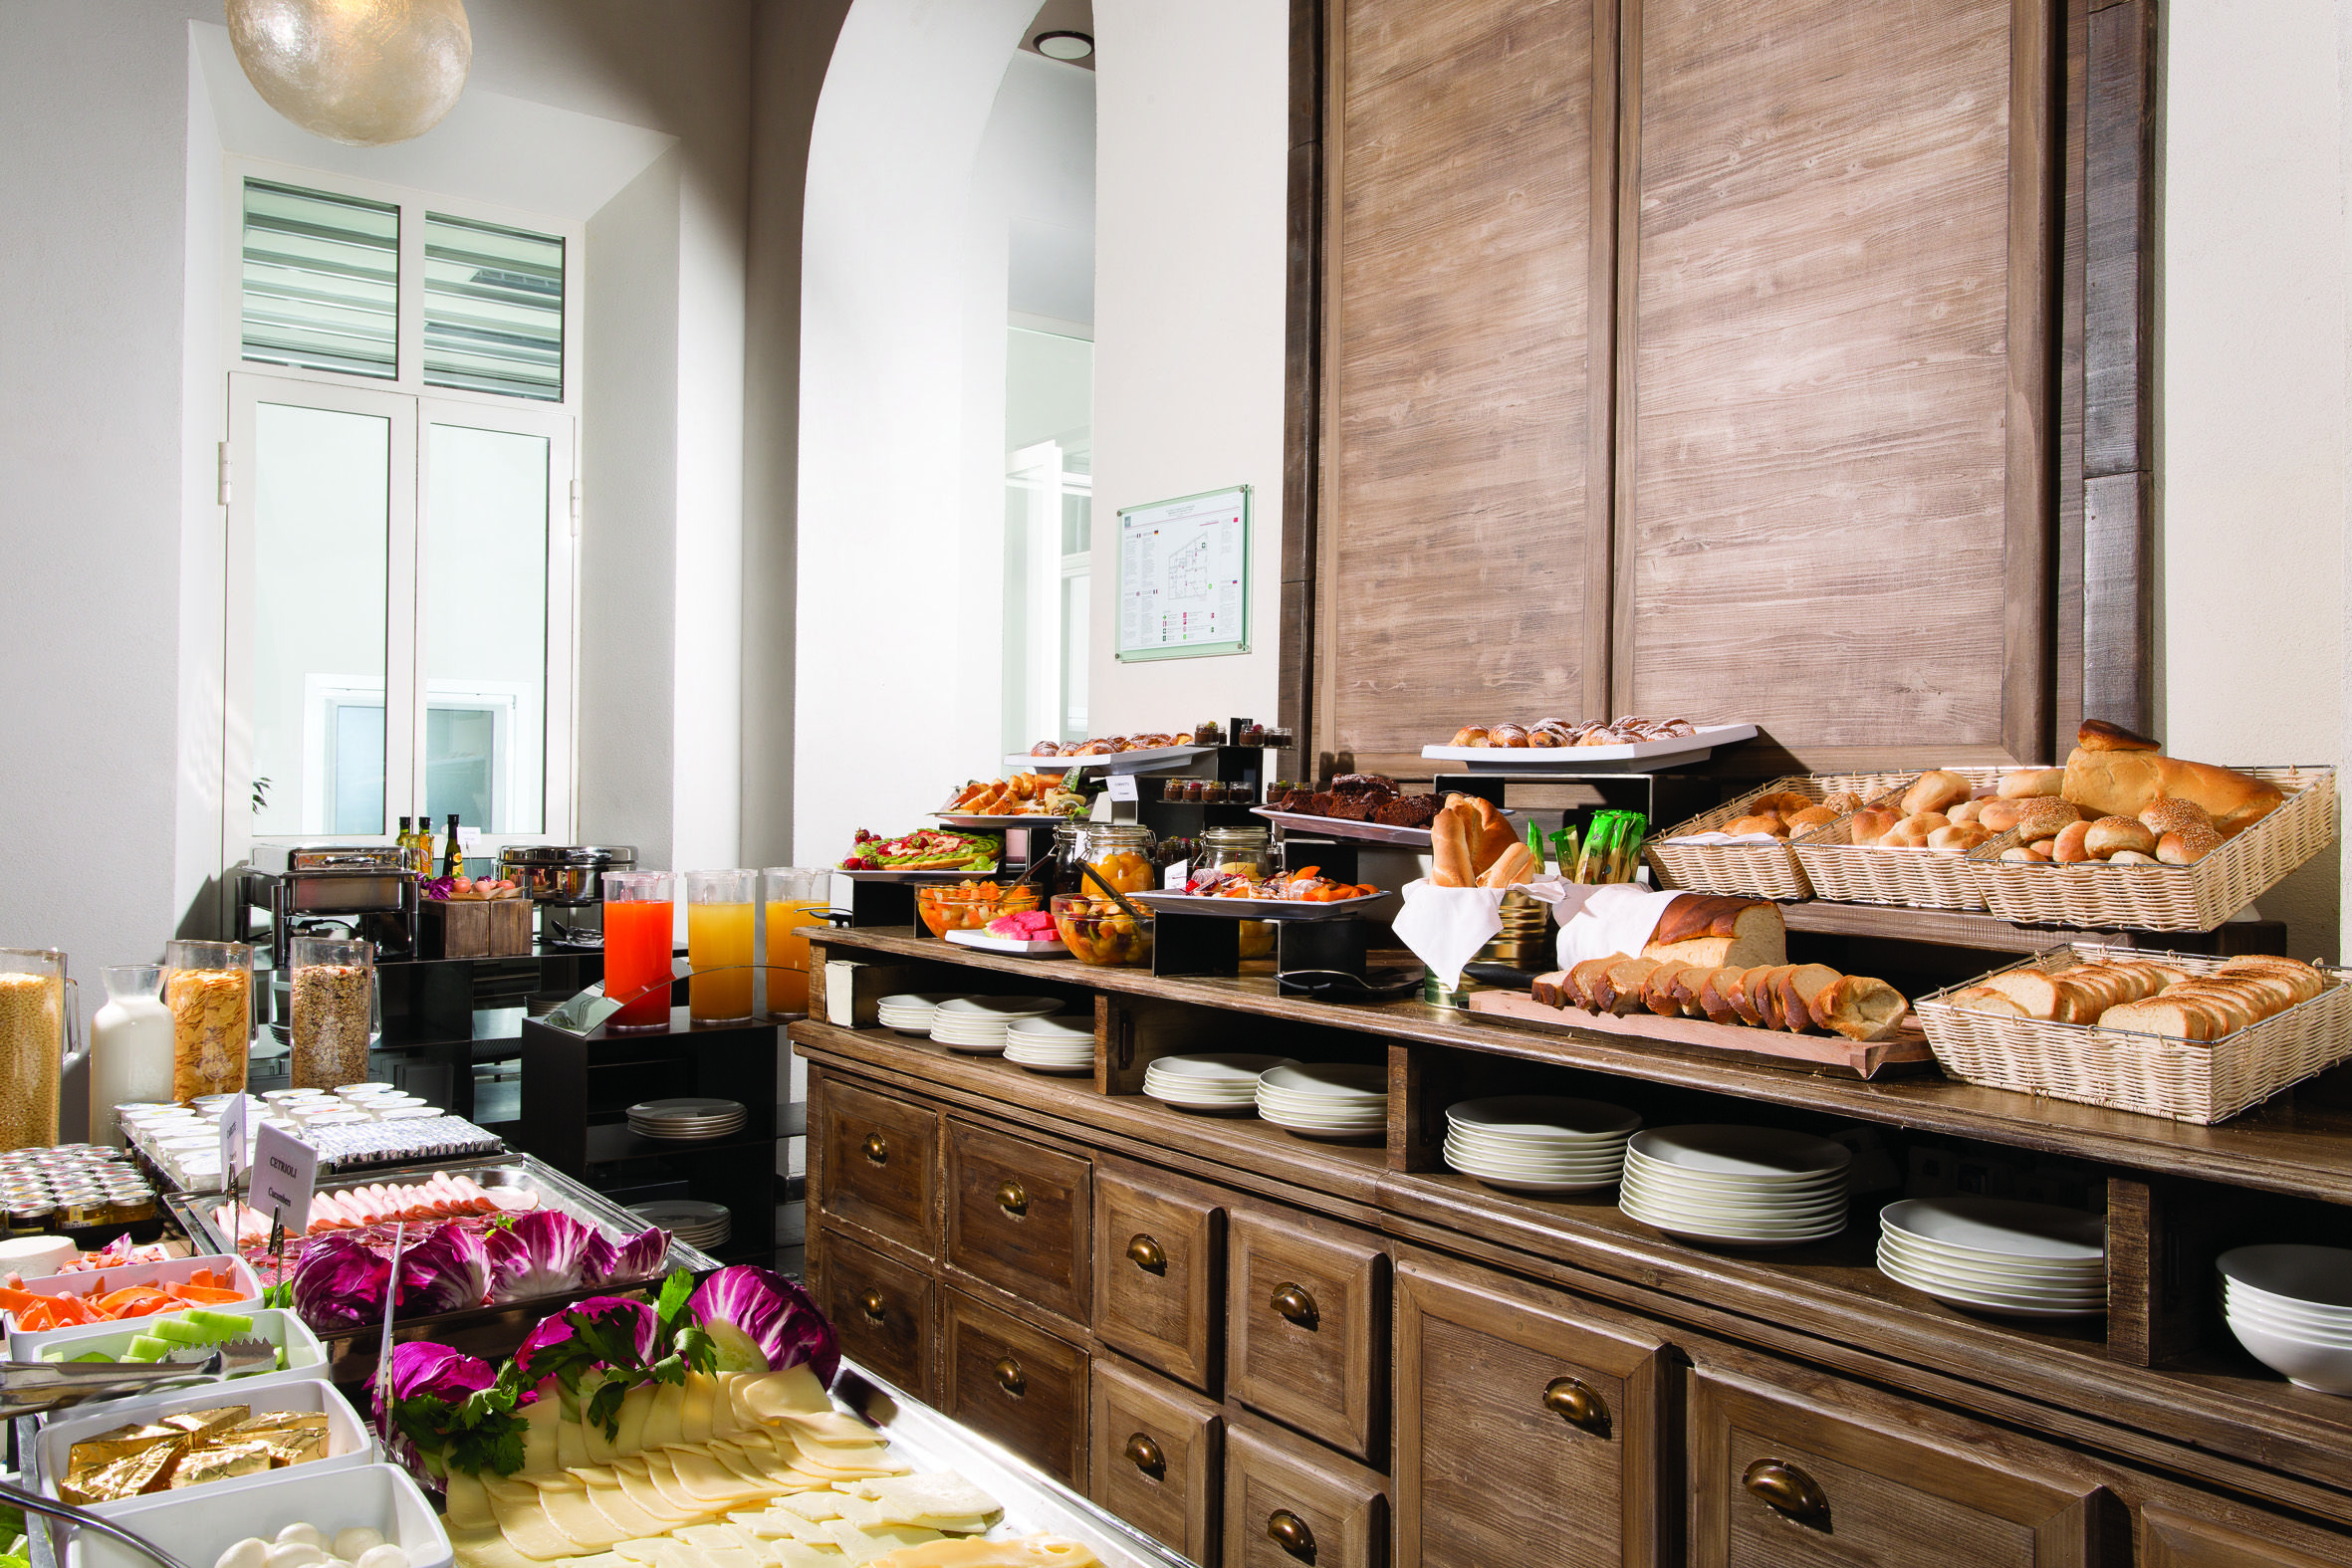 breakfast buffet hotel pinterest fr hst cksbuffet. Black Bedroom Furniture Sets. Home Design Ideas